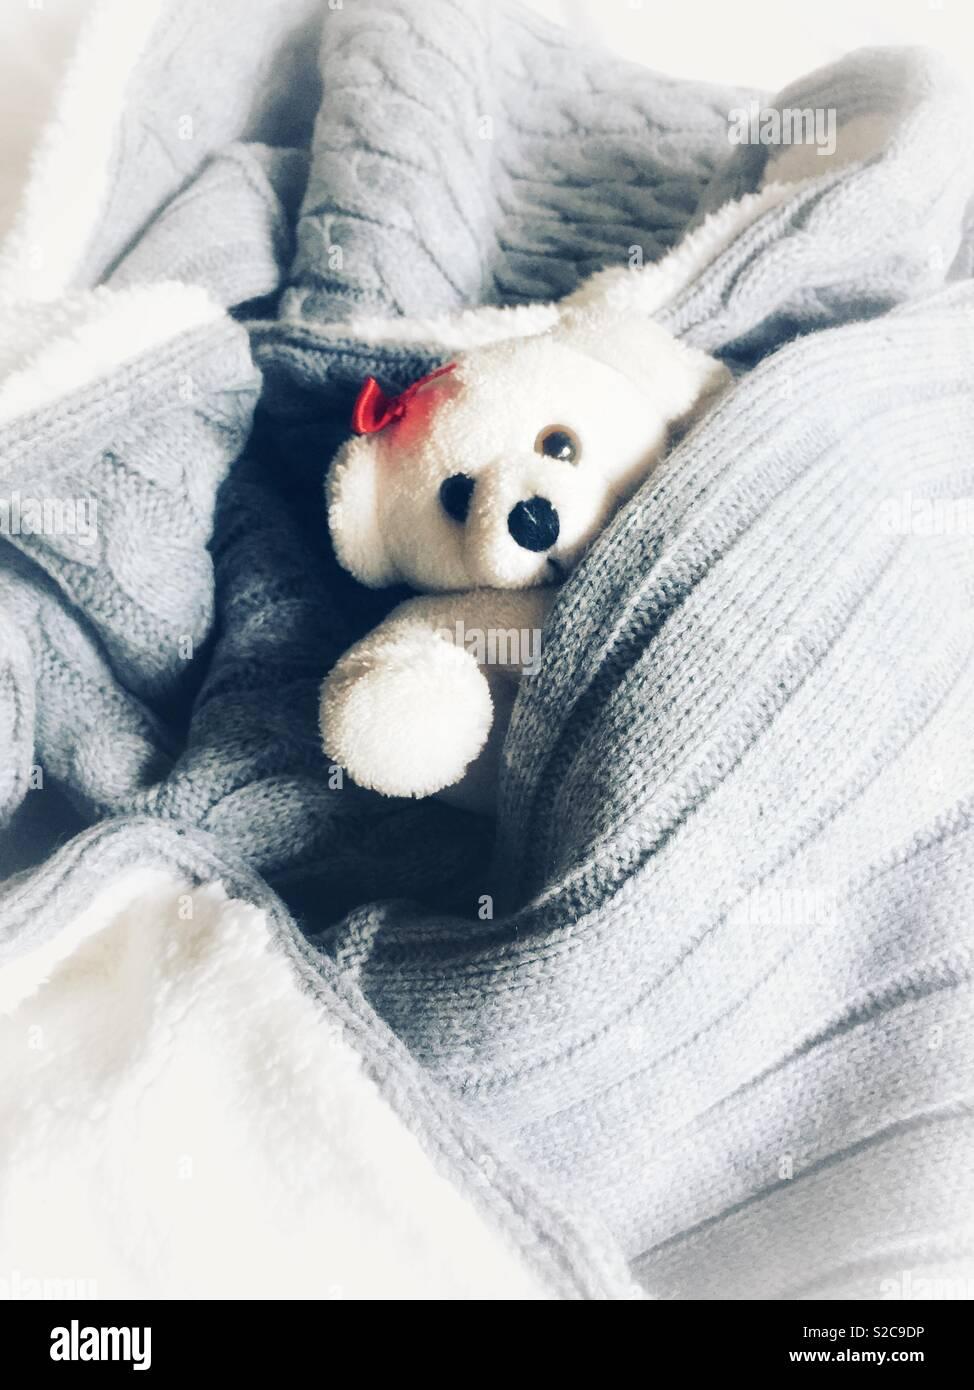 Bear Snowy Snuggling All'interno Polar White Di Teddy Toy Un Y7yb6fgv